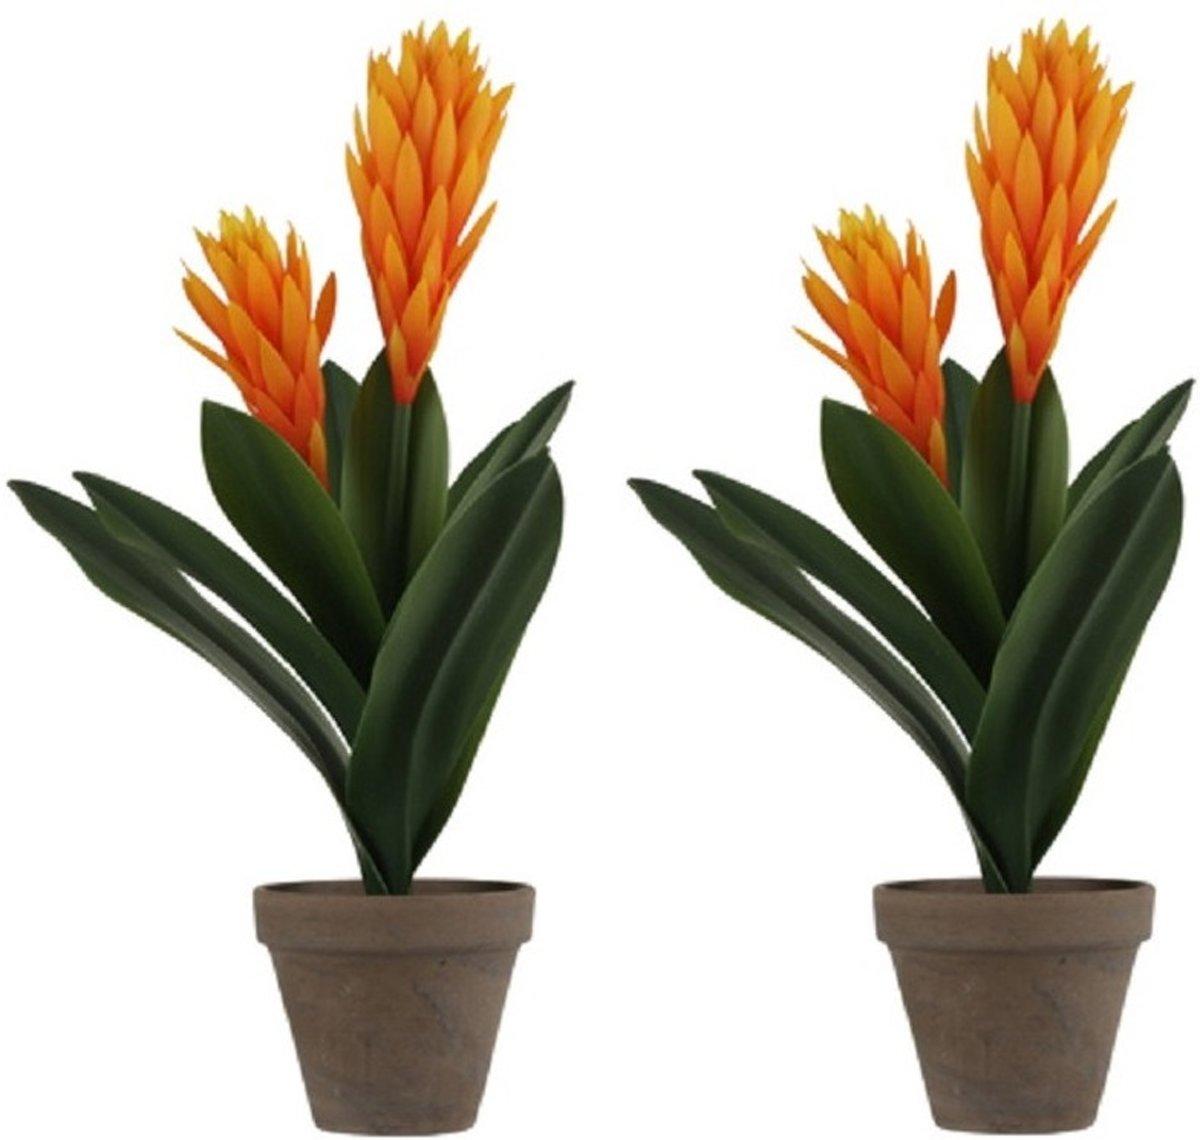 2x Oranje Bromelia kunstplant 45 cm in grijze plastic pot - Kunstplanten/nepplanten kopen